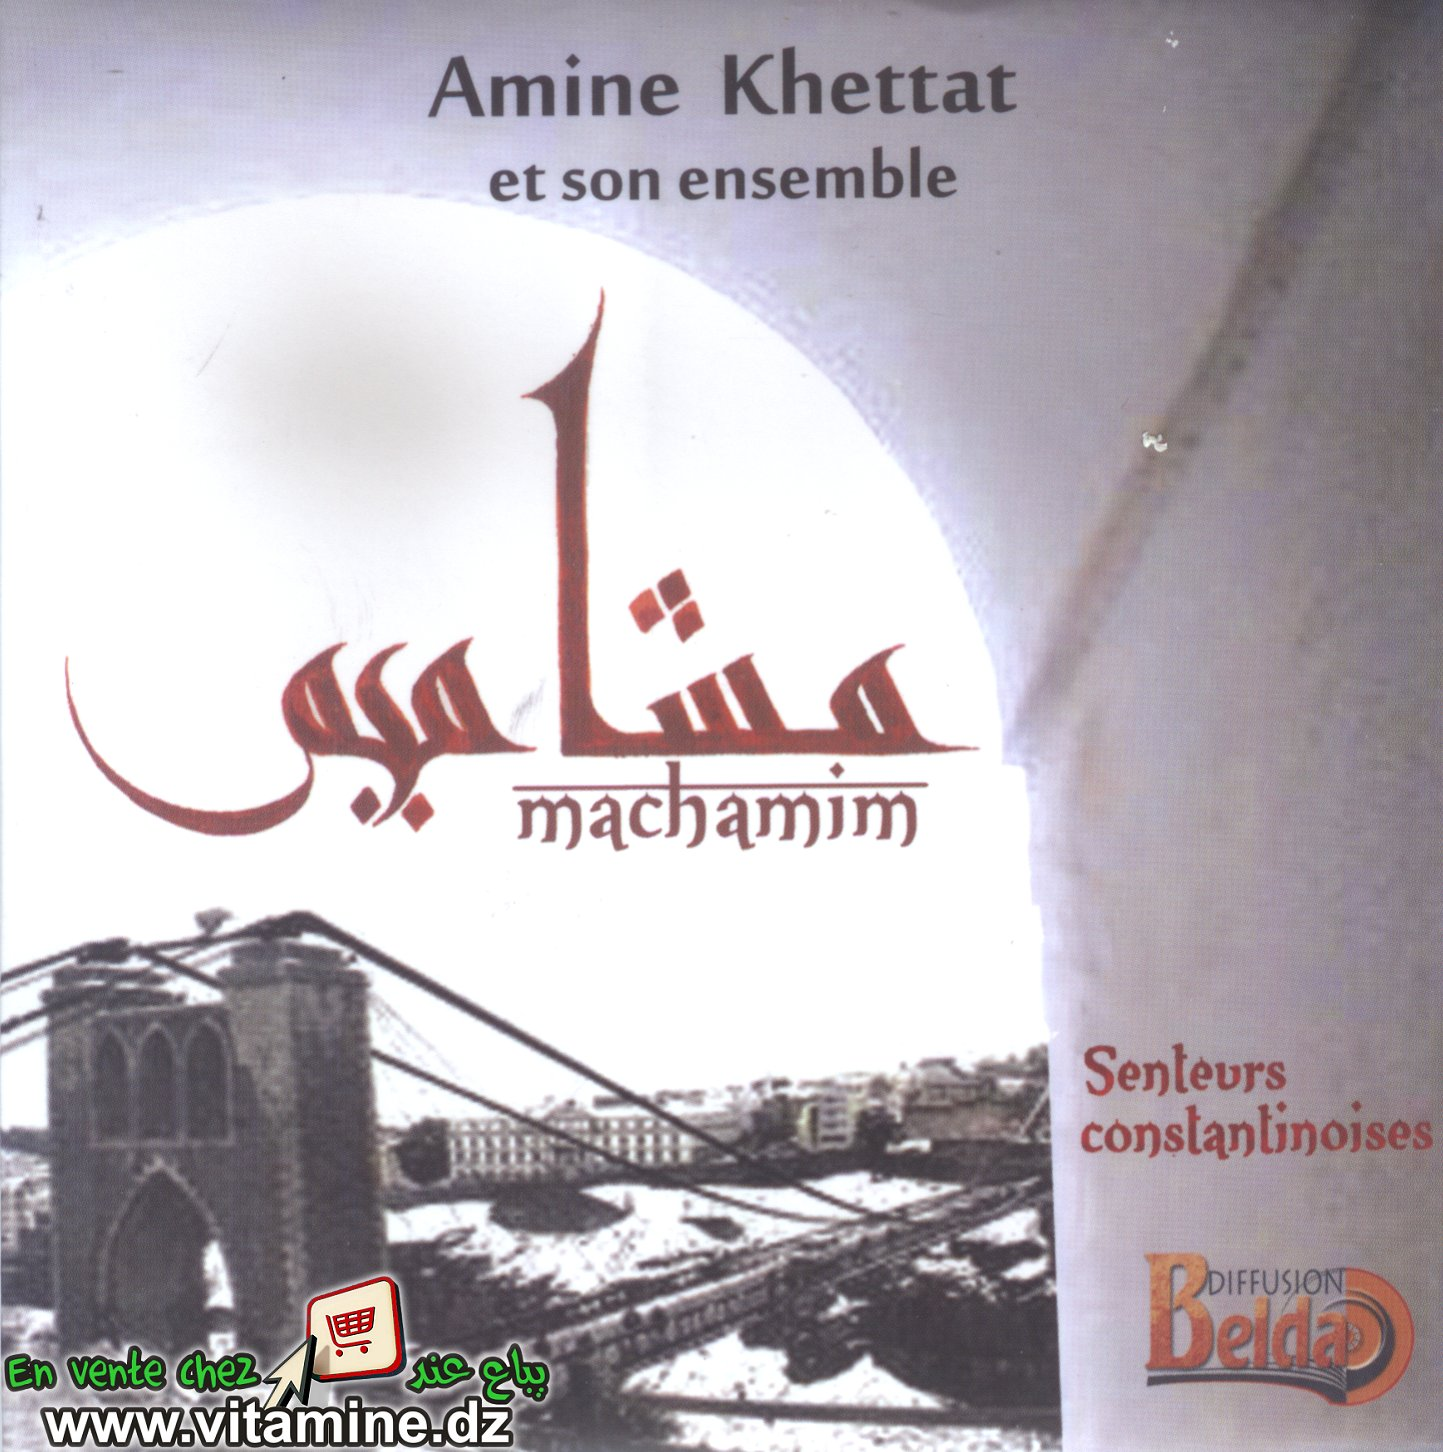 Amine Khettat - machamim